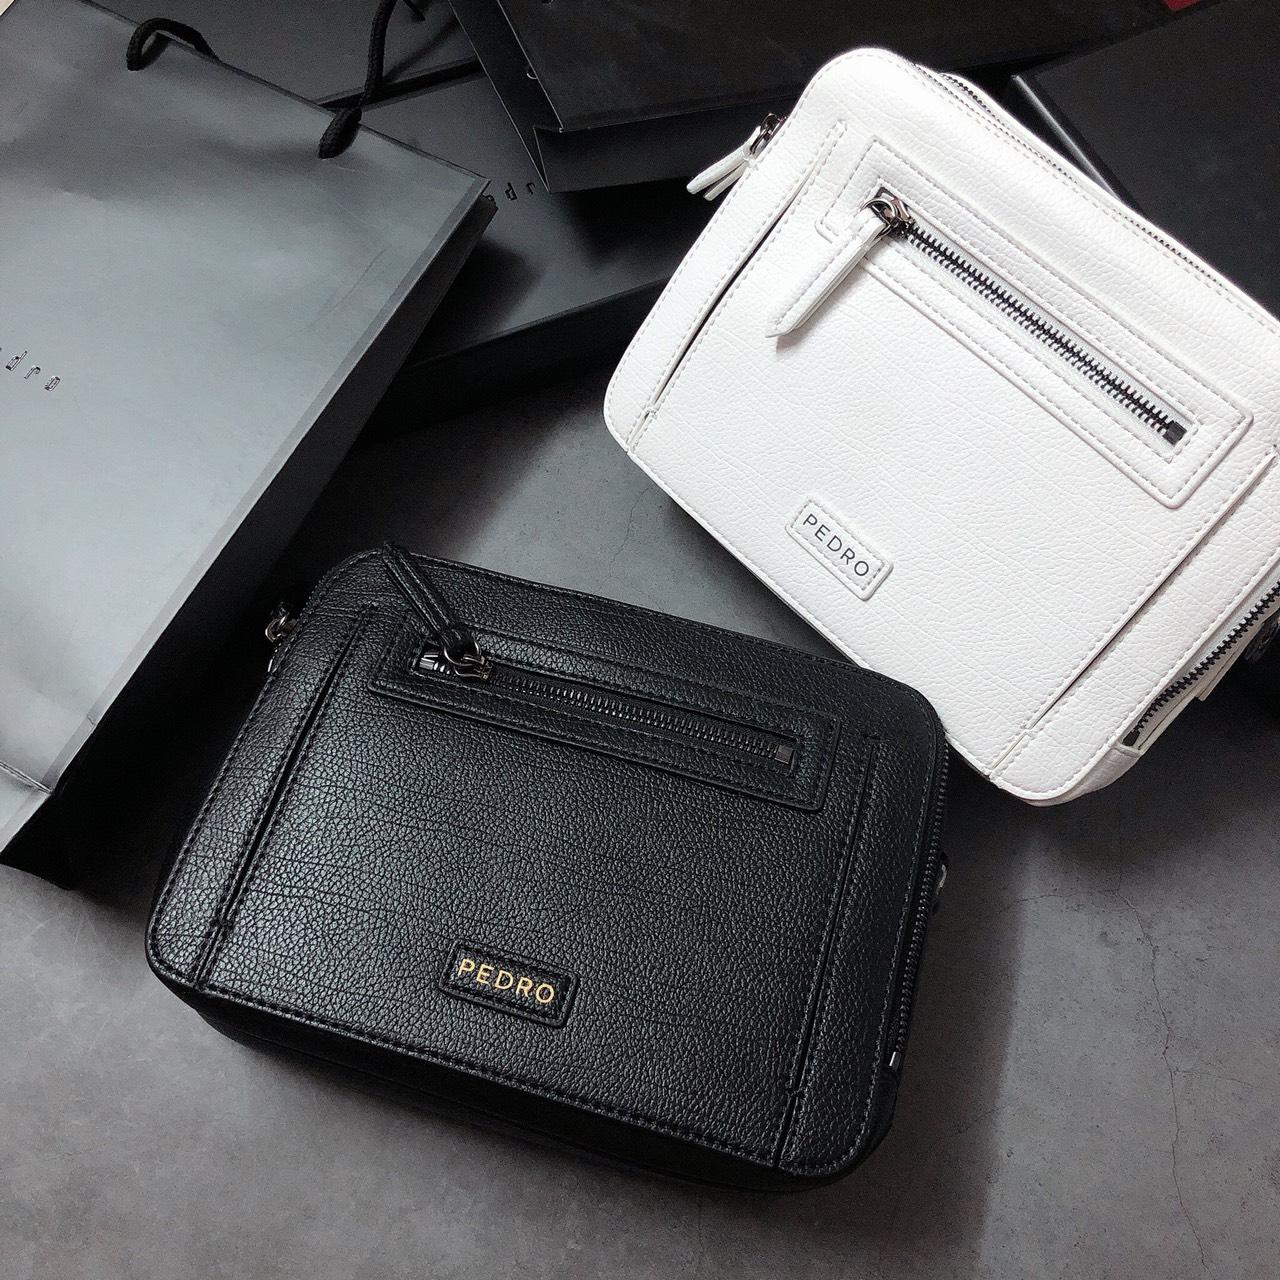 Túi Pedro hộp ngang 2 ngăn - PM20